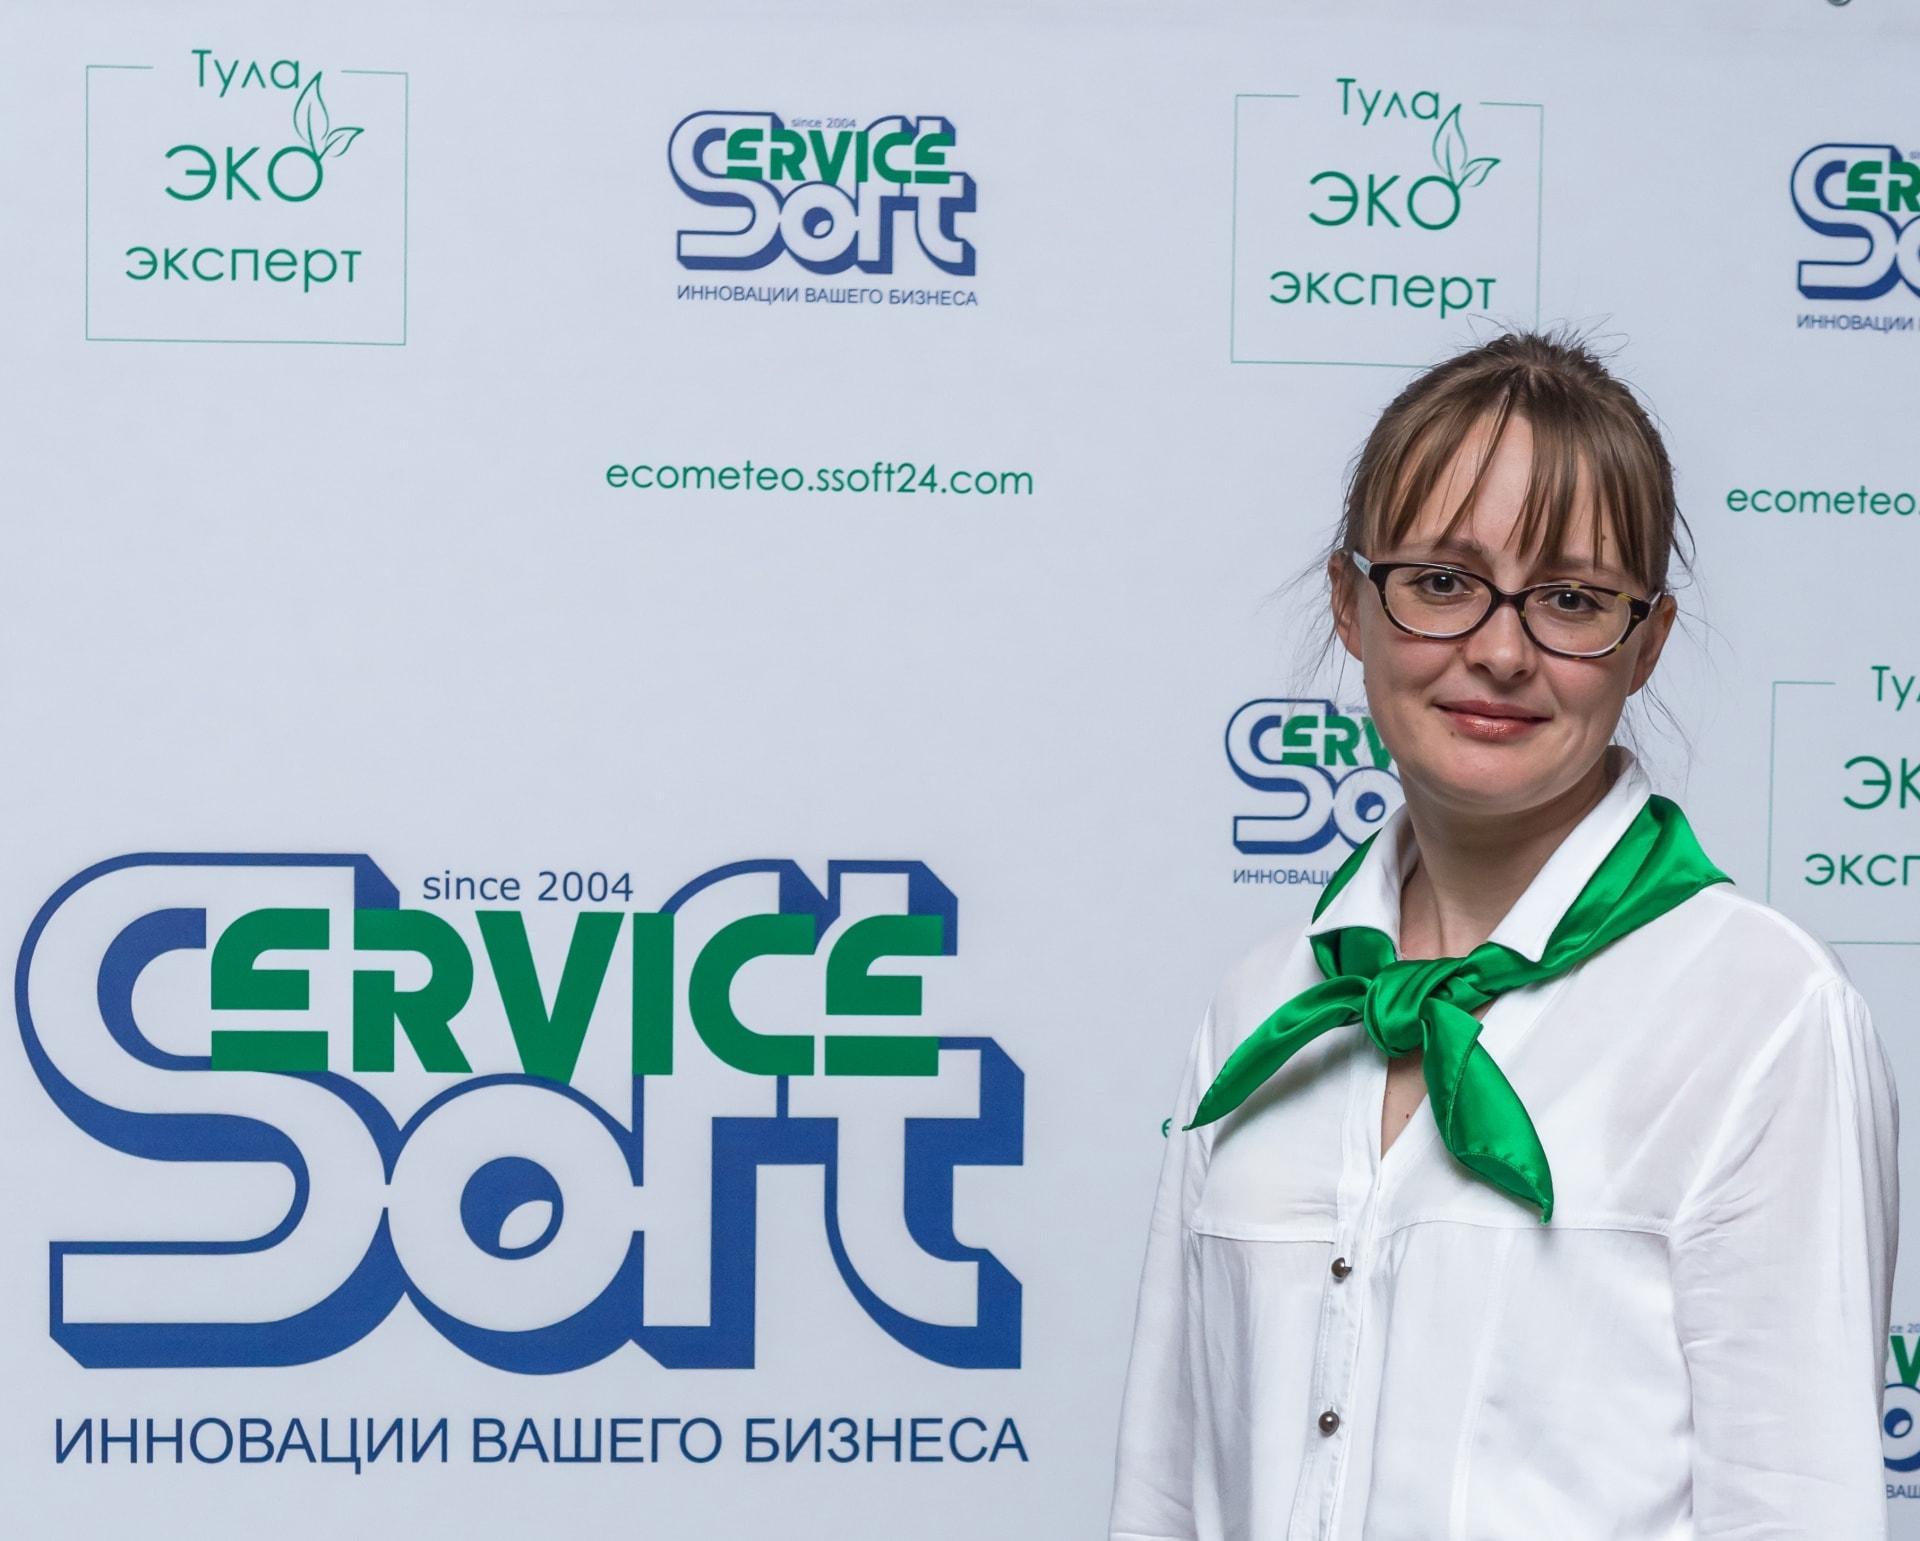 Людмила Сальникова, специалист по рекламе в ГК «СервисСофт»